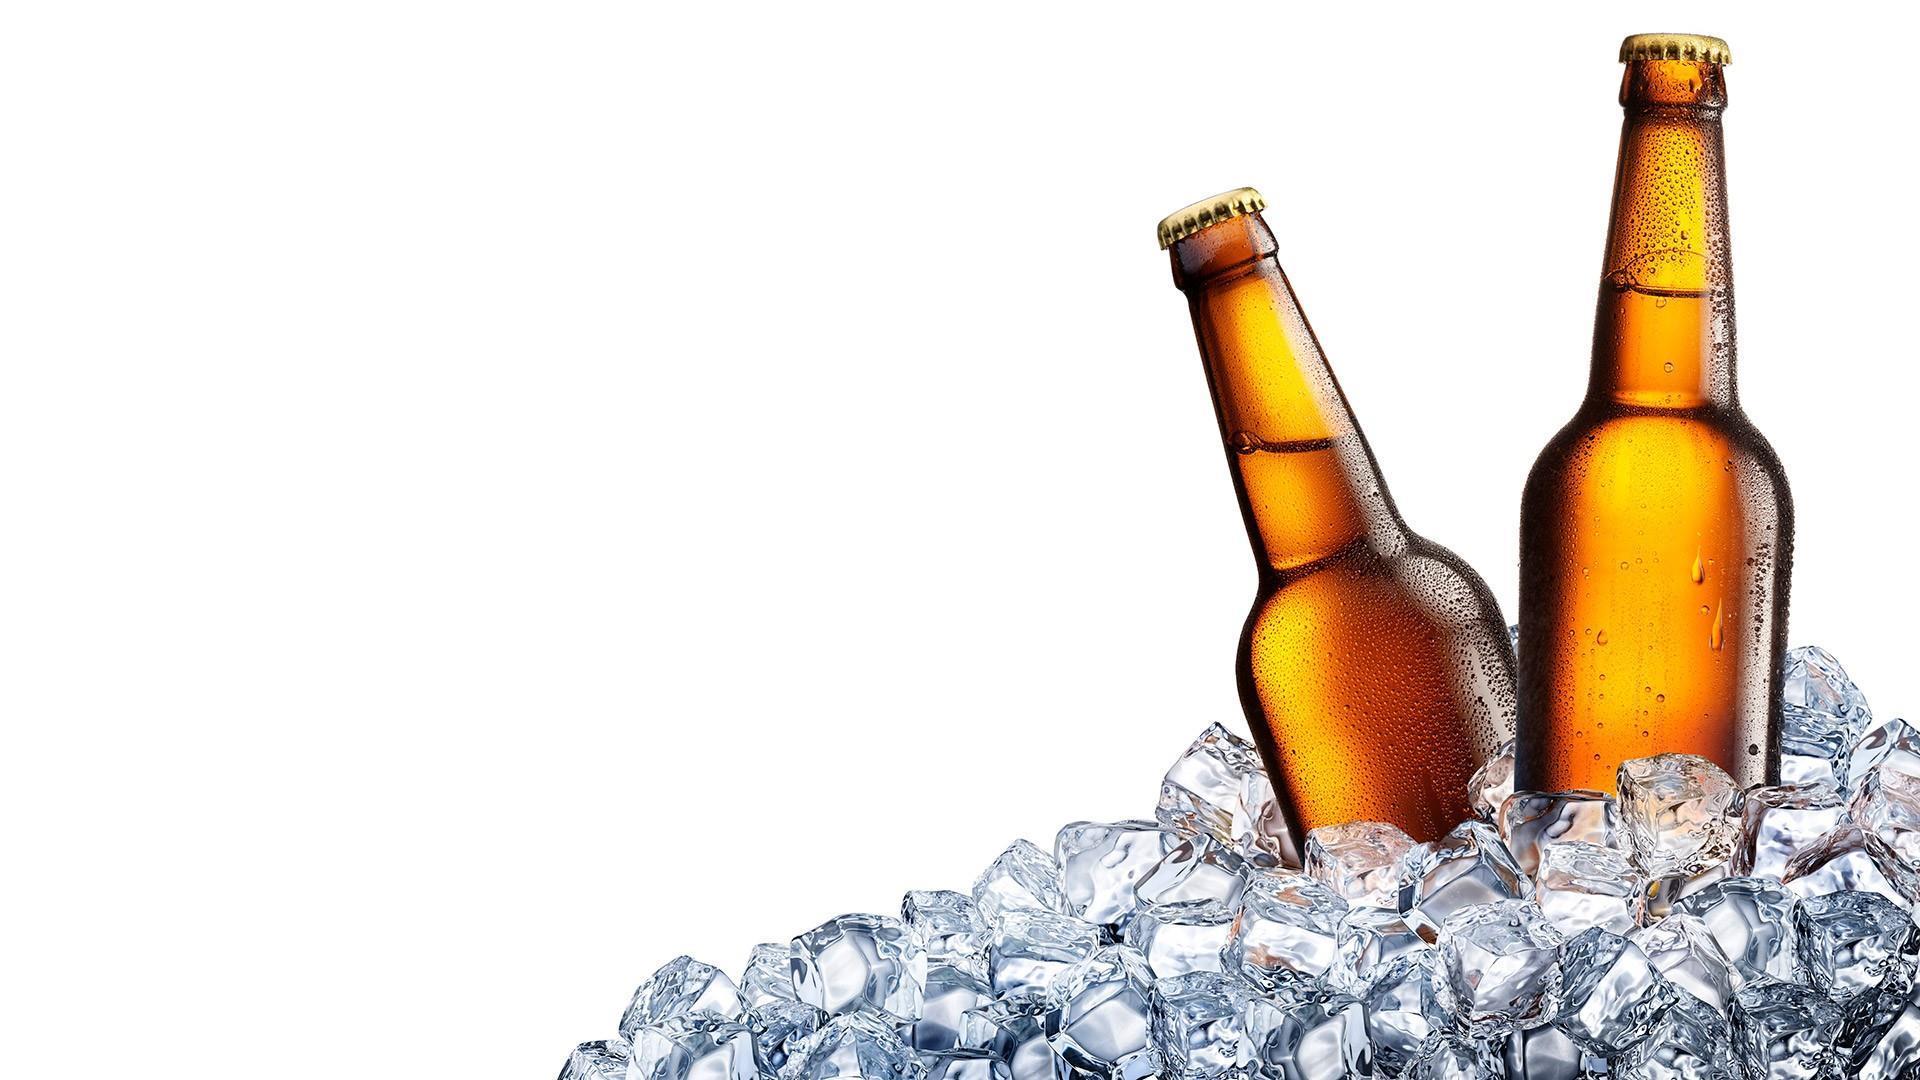 Beer Wallpapers - Top Free Beer